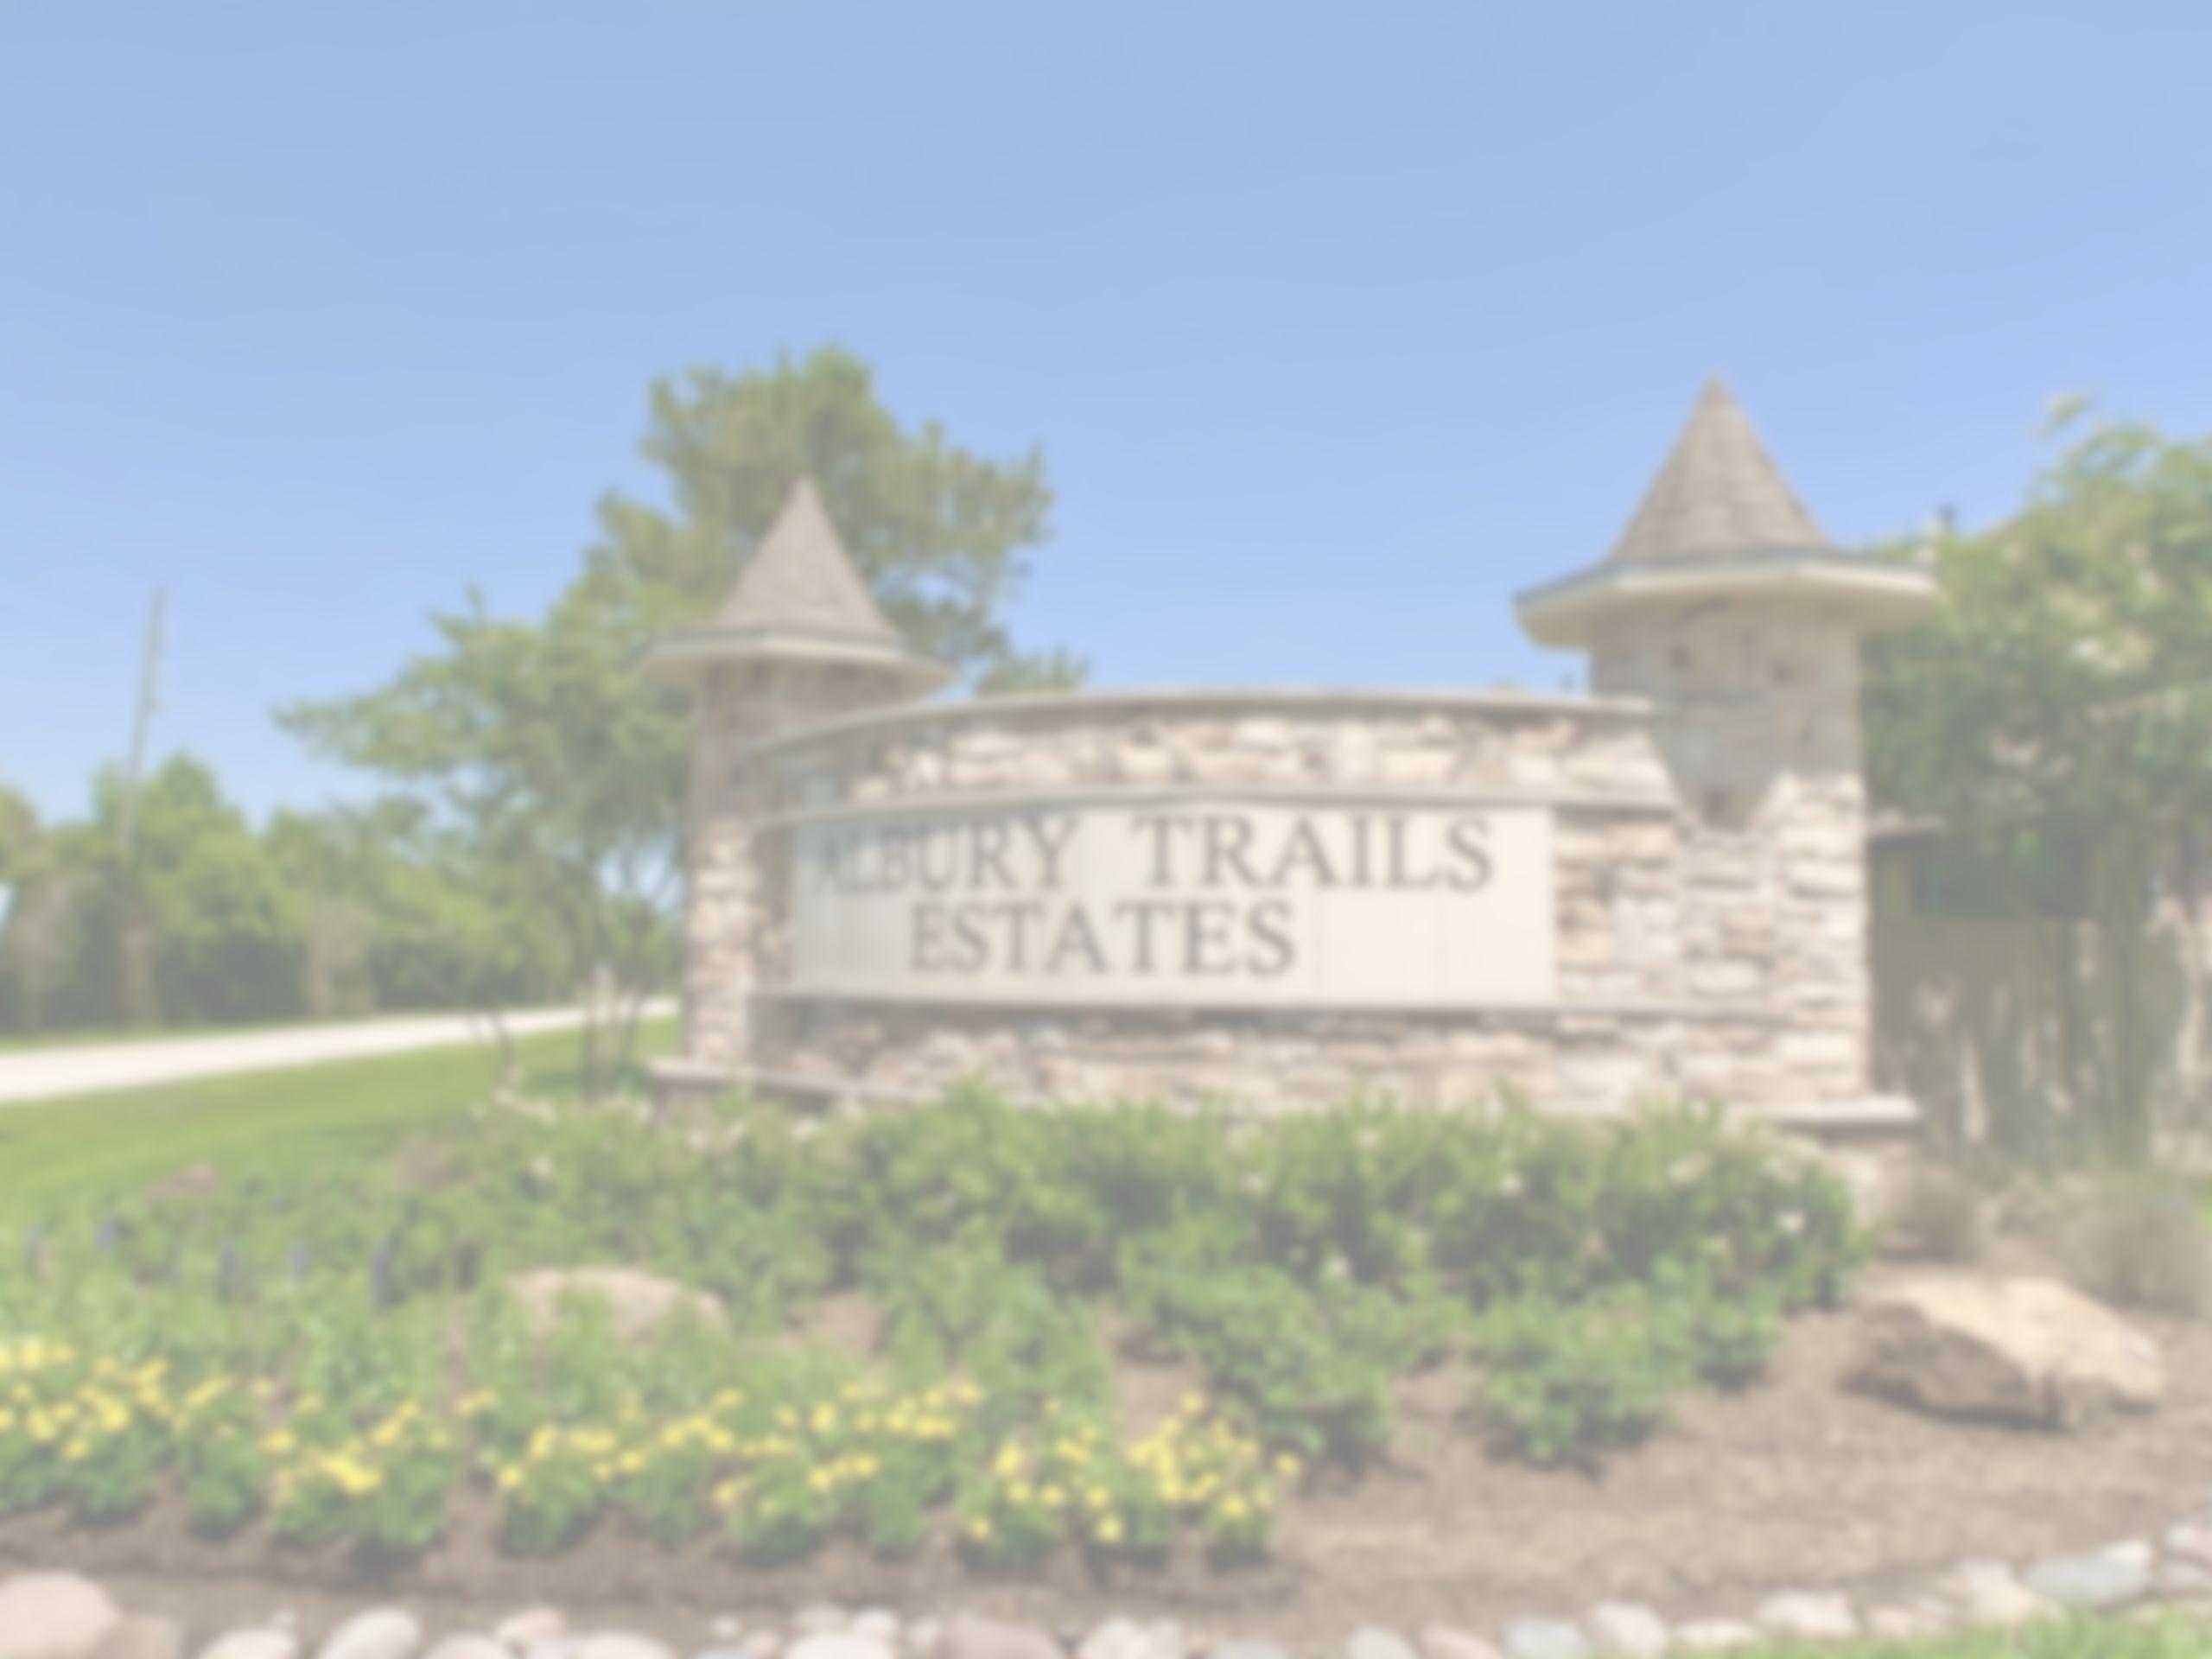 Albury Trails Estates